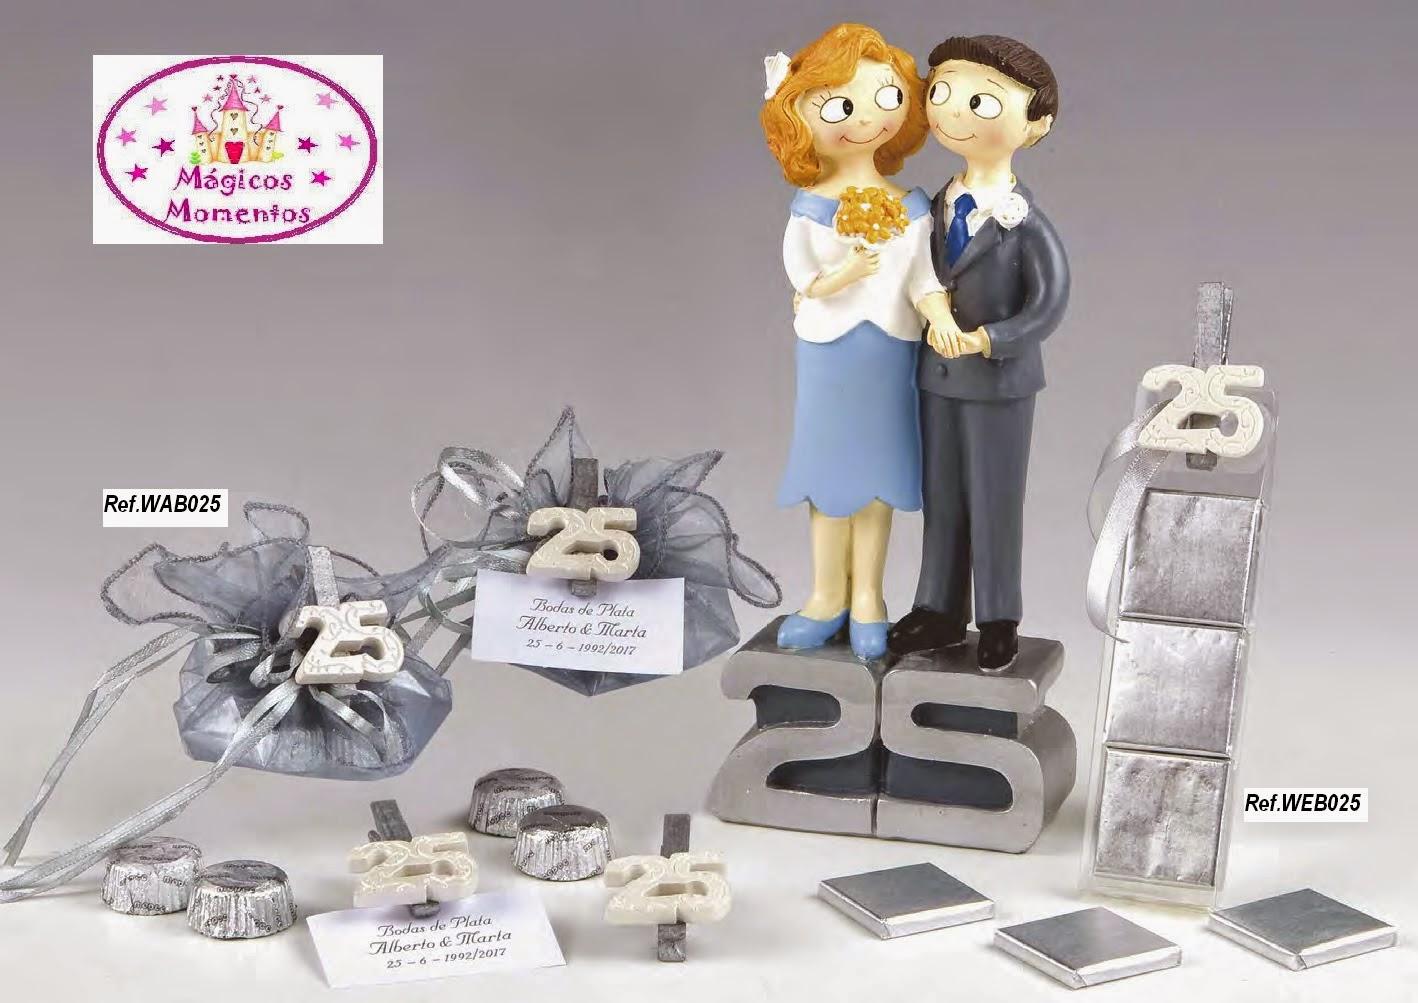 Regalos magicos momentos bodas de oro 50 aniversario for El corte ingles decoracion navidad